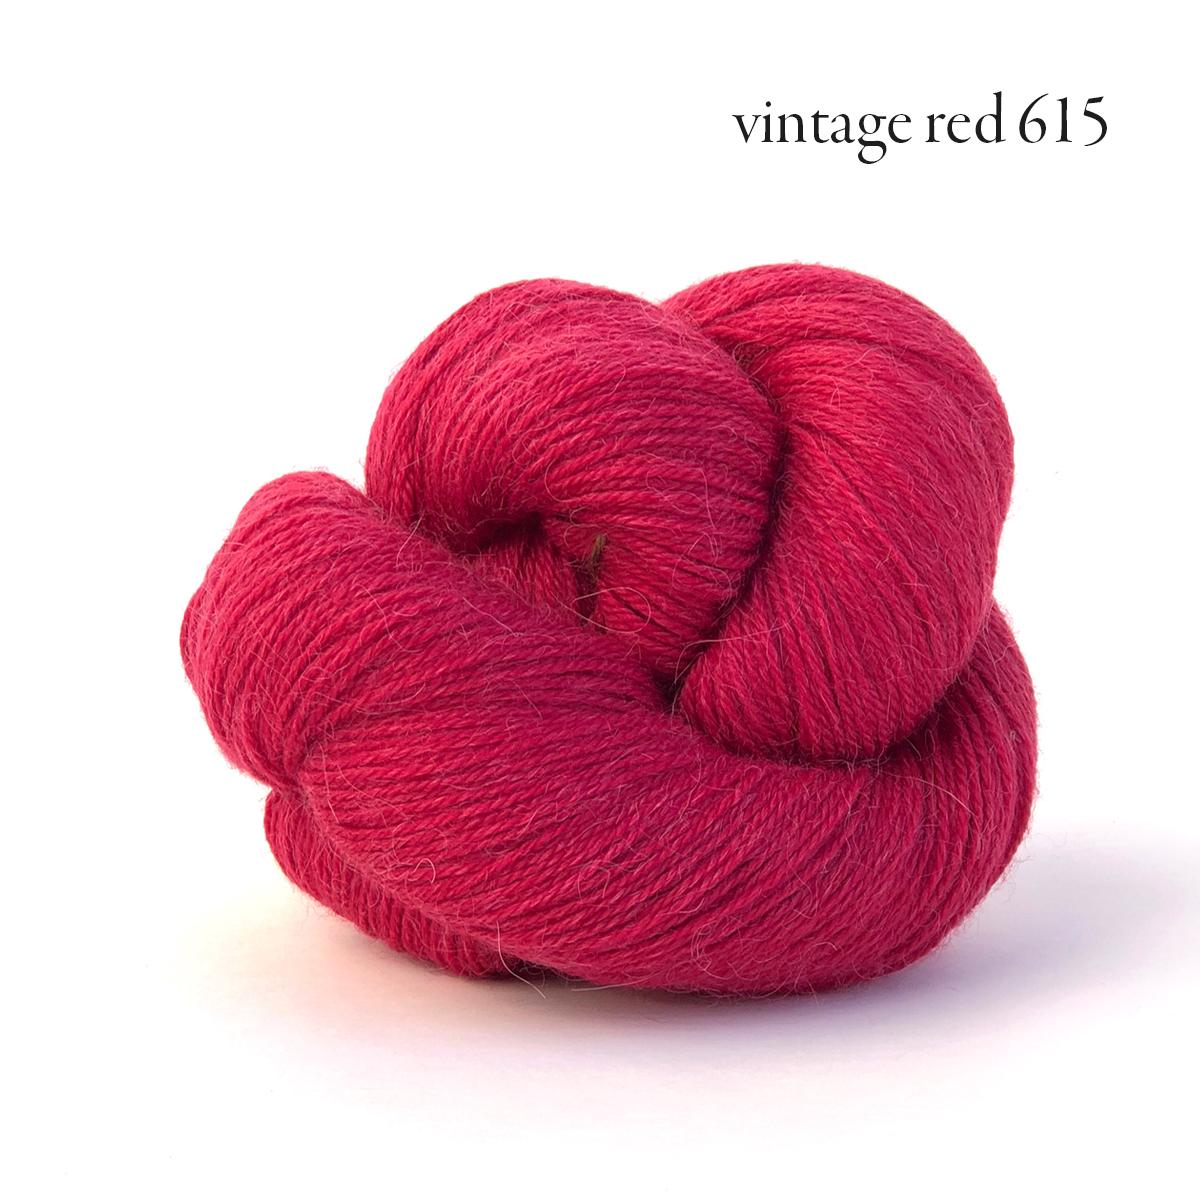 perennial vintage red 615.jpg